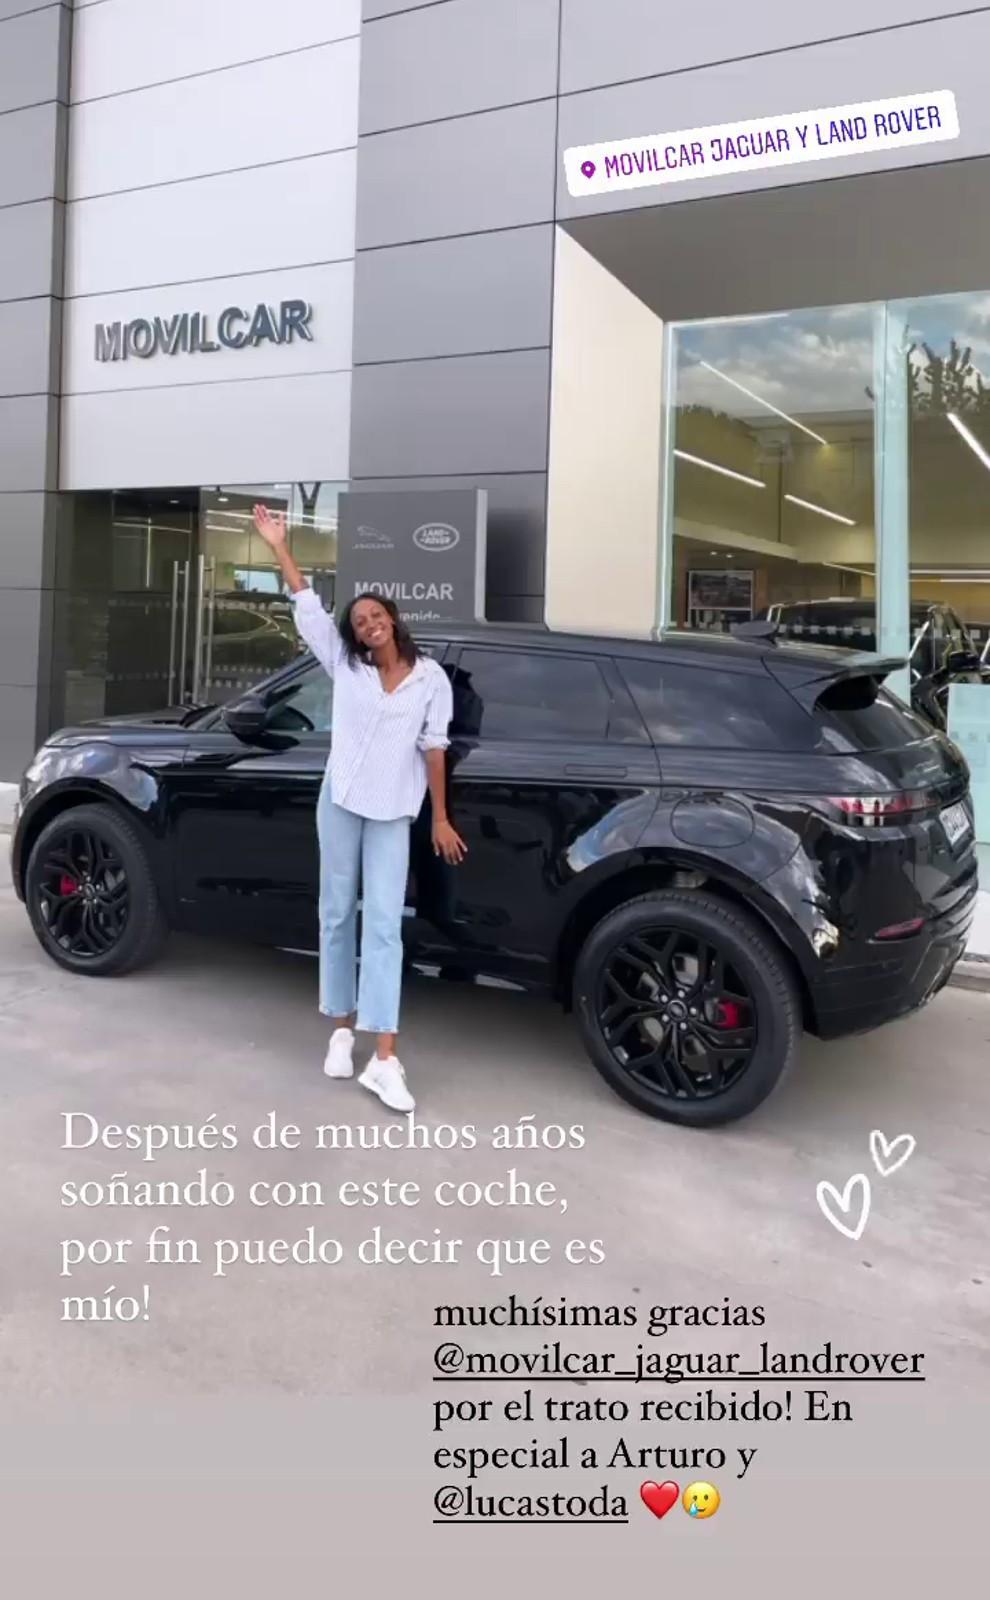 Ana Peleteiro - Range Rover Evoque - SUV - 65.000 euros